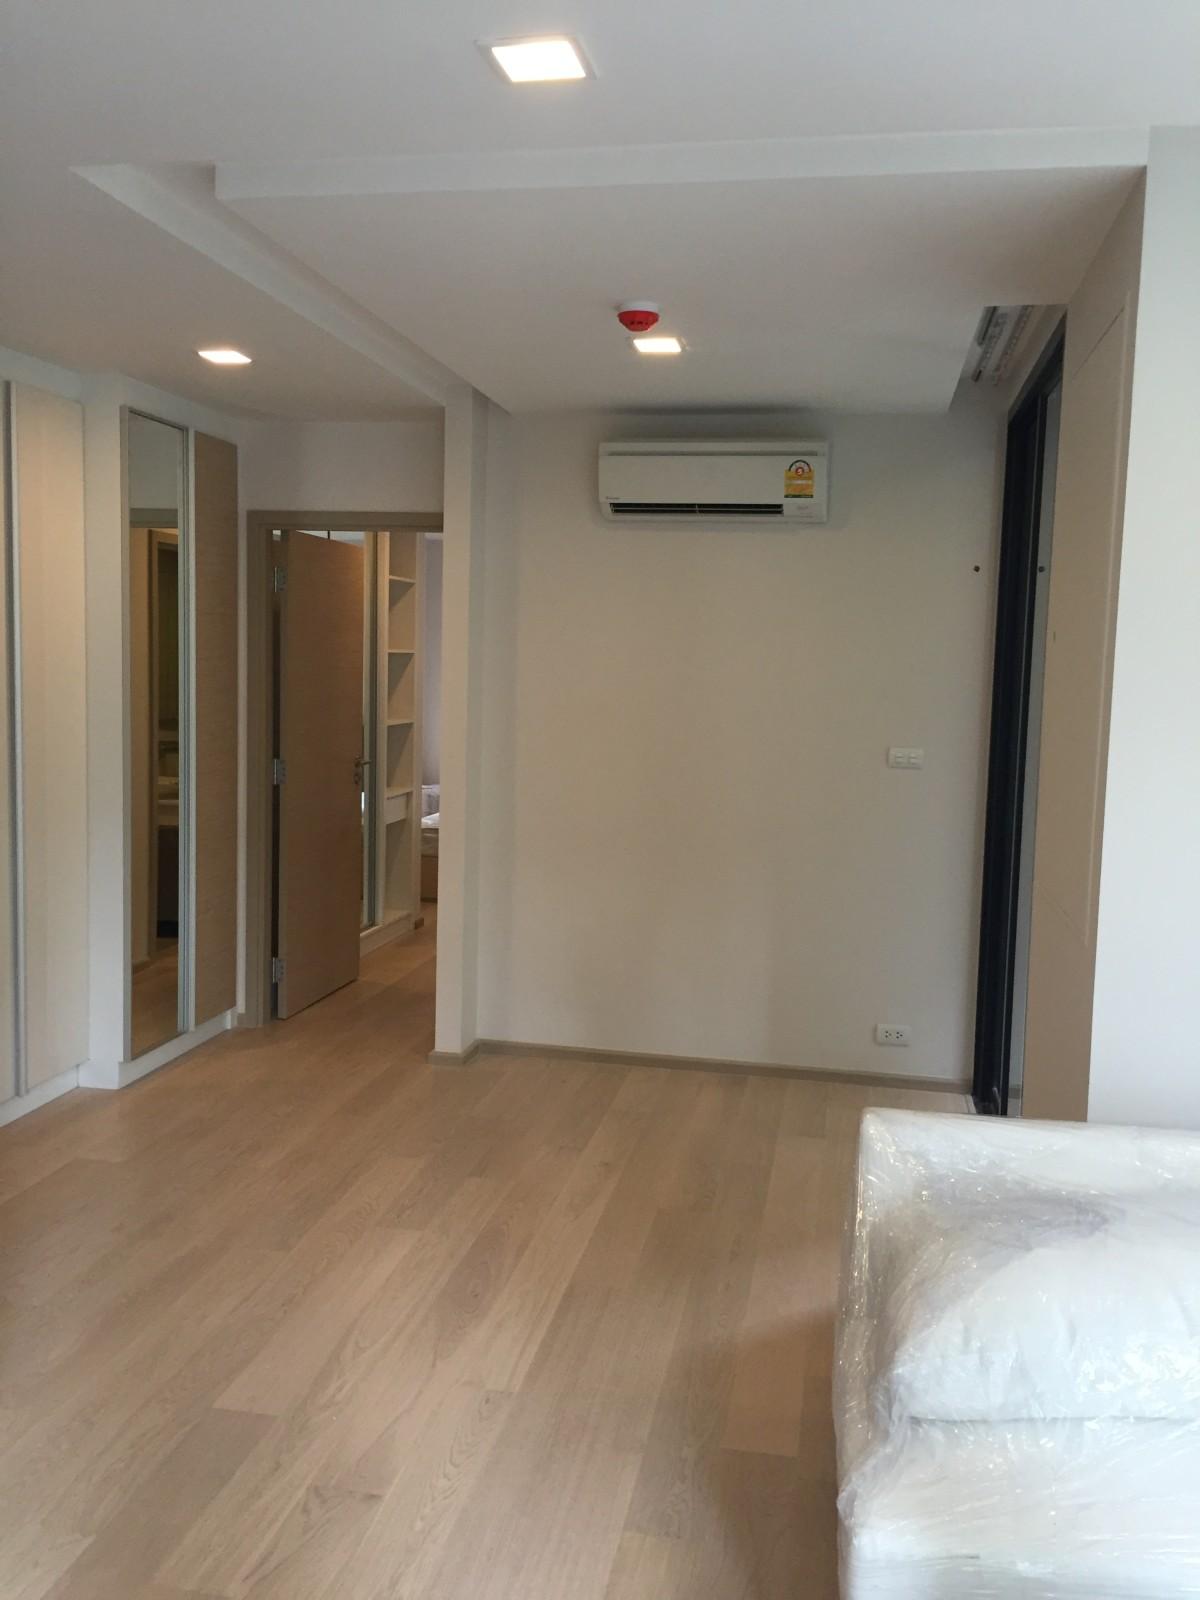 ประกาศ[Rent] Liv@49 - ลิฟ แอท 49 1 Bed 53.5 Sq.m. Rental Price 45000